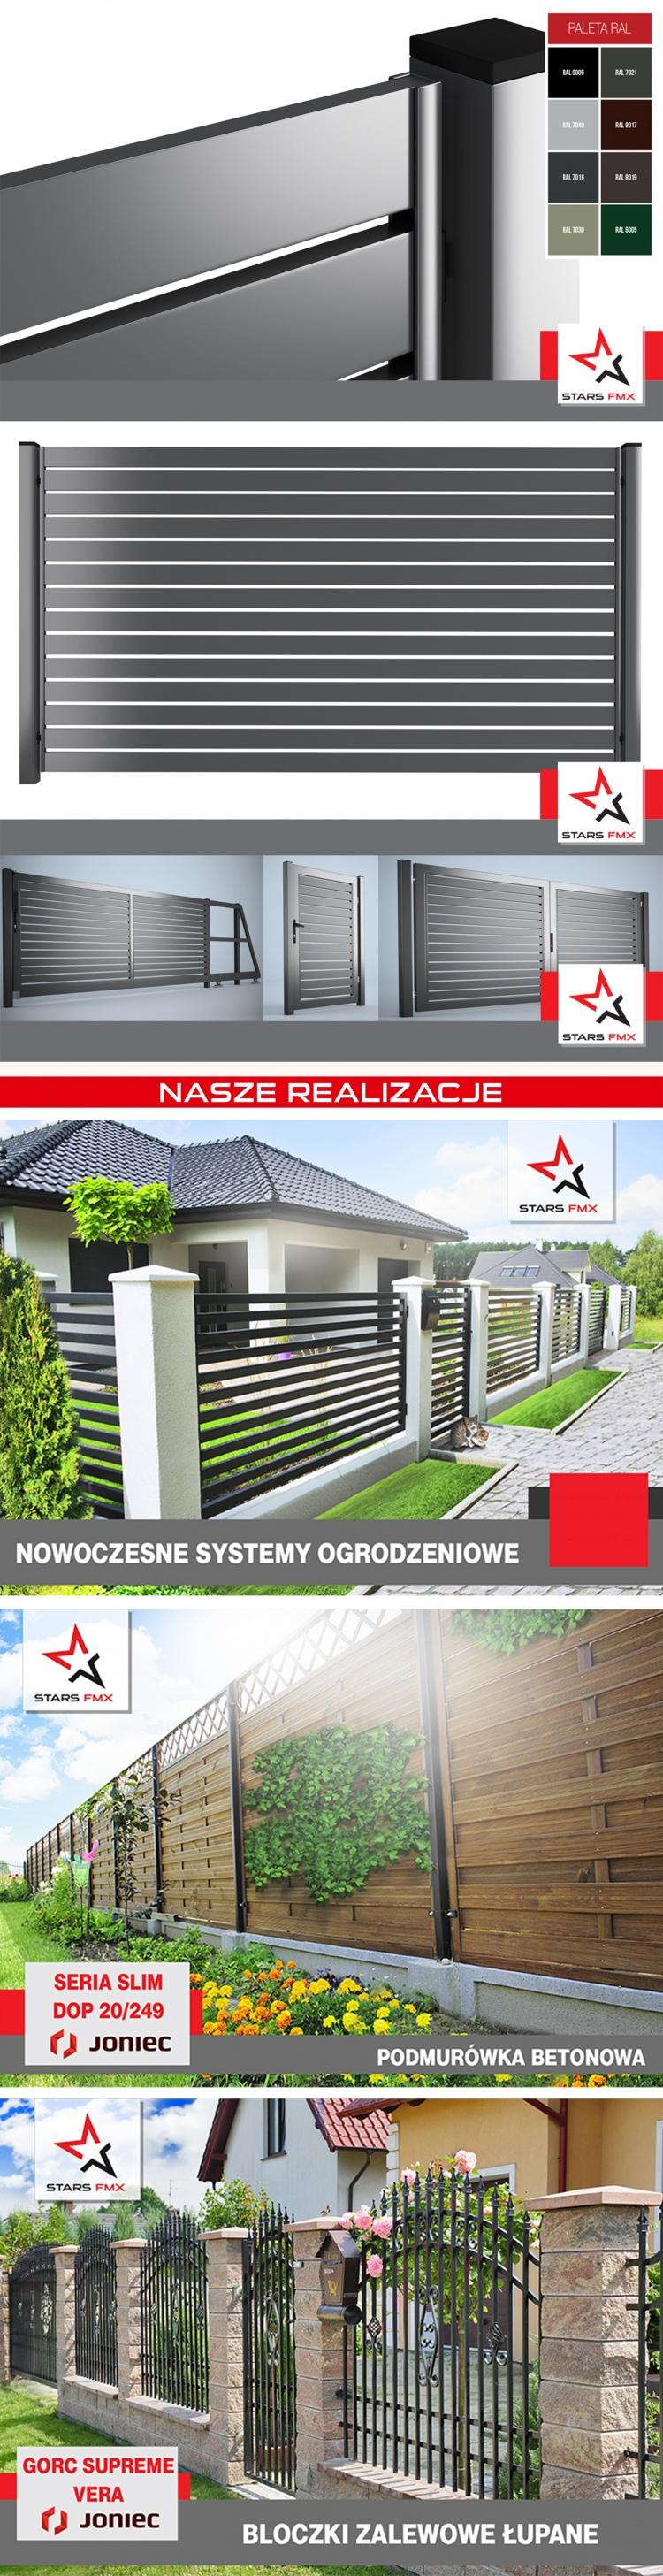 Promocja 10 Przeslo Ogrodzeniowe Metalowe 5704651400 Oficjalne Archiwum Allegro Home Decor Blinds Decor